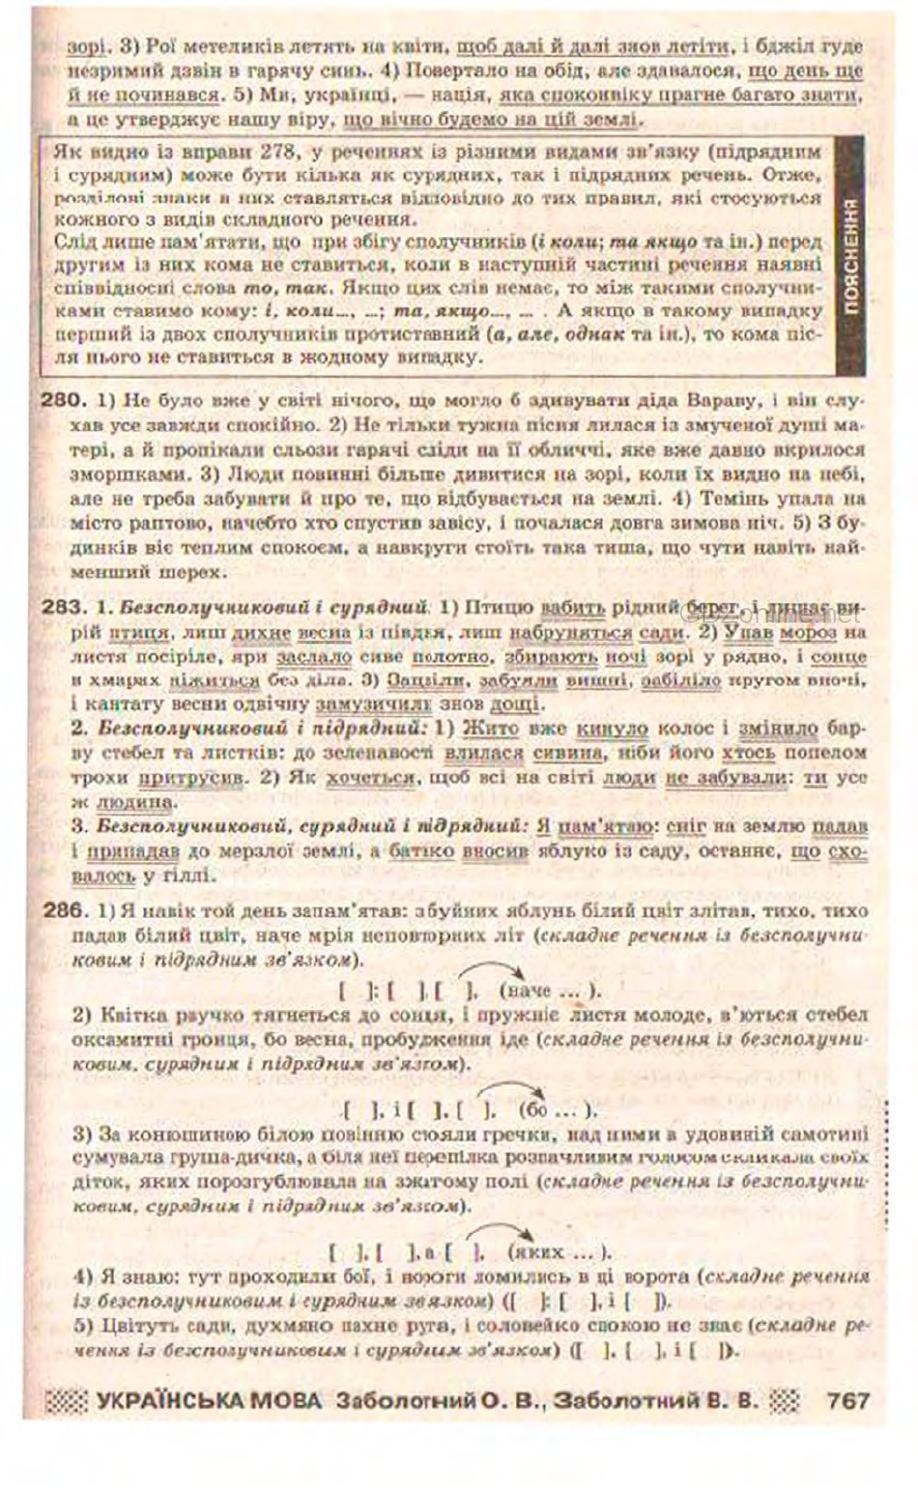 Решебник По Украинской Мове Заболотный 9 Класс